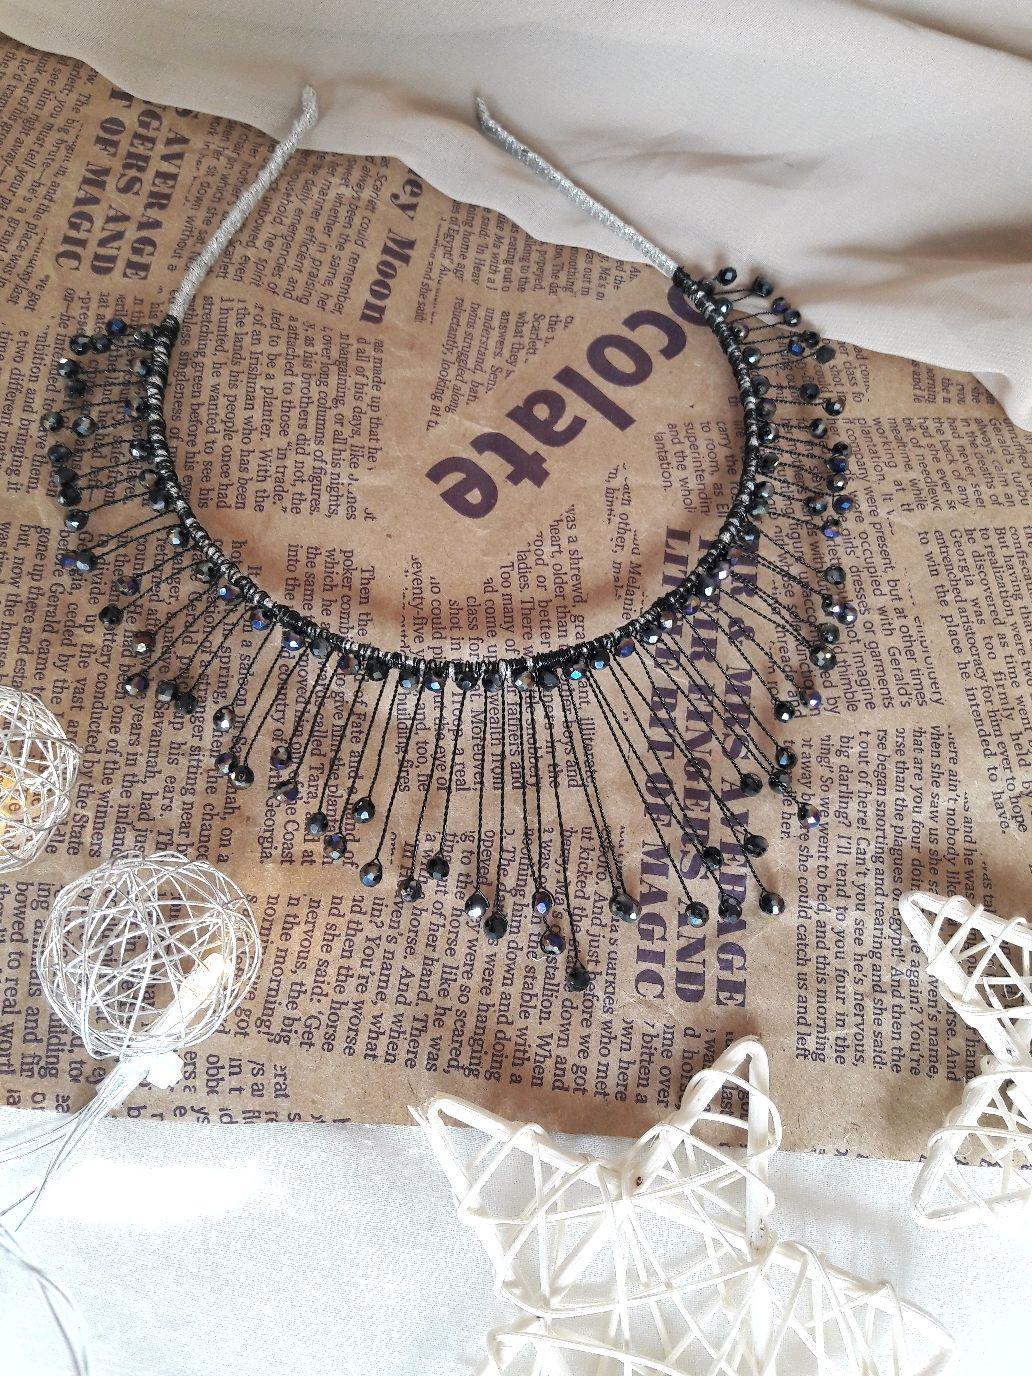 Ободок-корона из бусин, Ободки и повязки на голову, Белореченск,  Фото №1